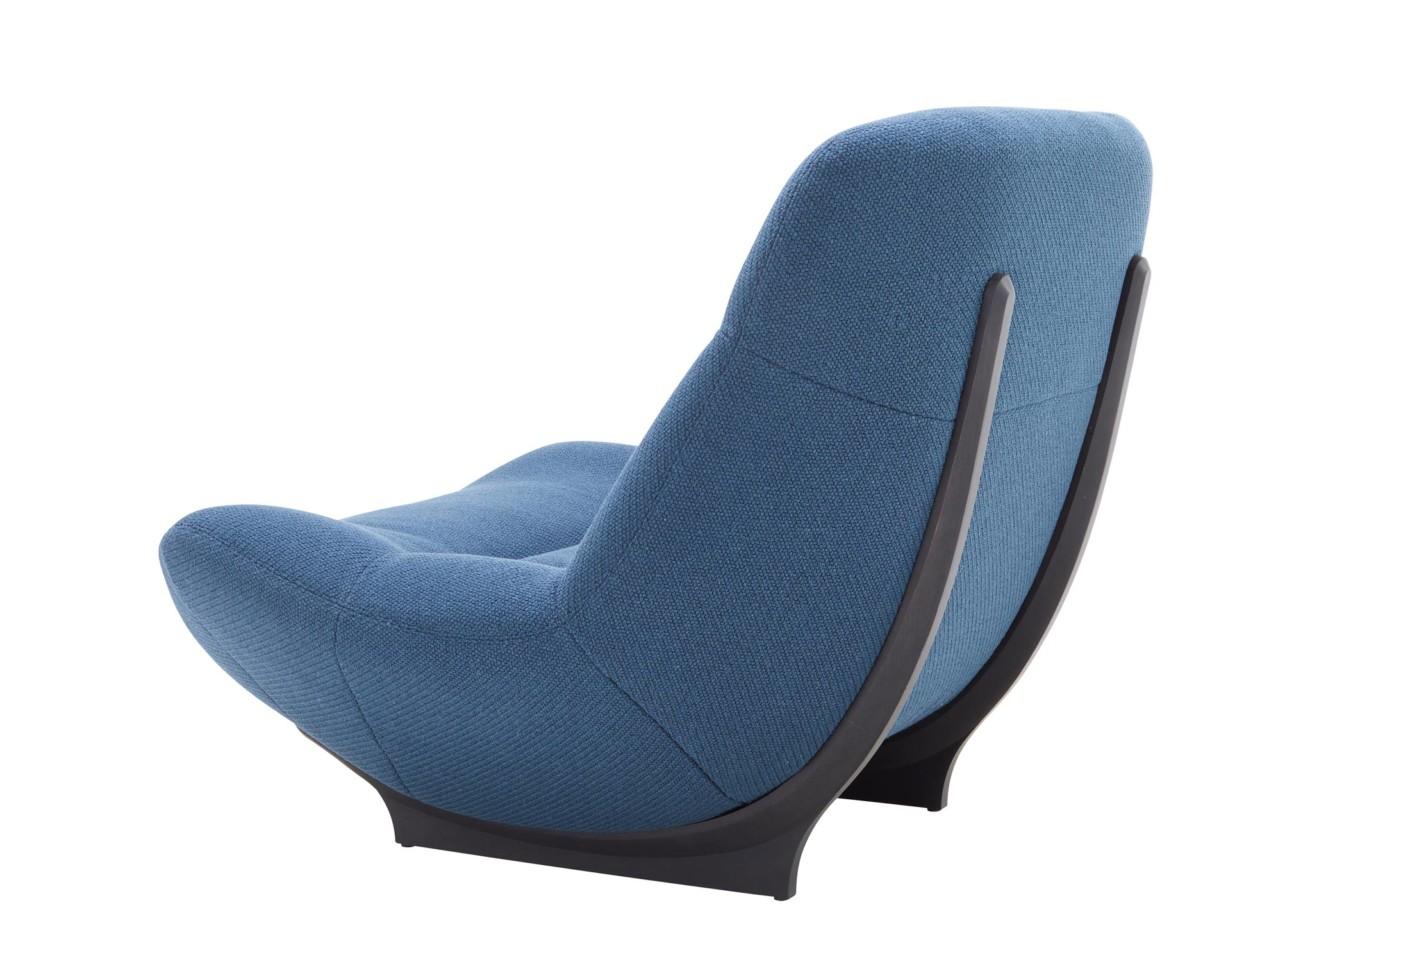 manarola sessel von ligne roset stylepark. Black Bedroom Furniture Sets. Home Design Ideas